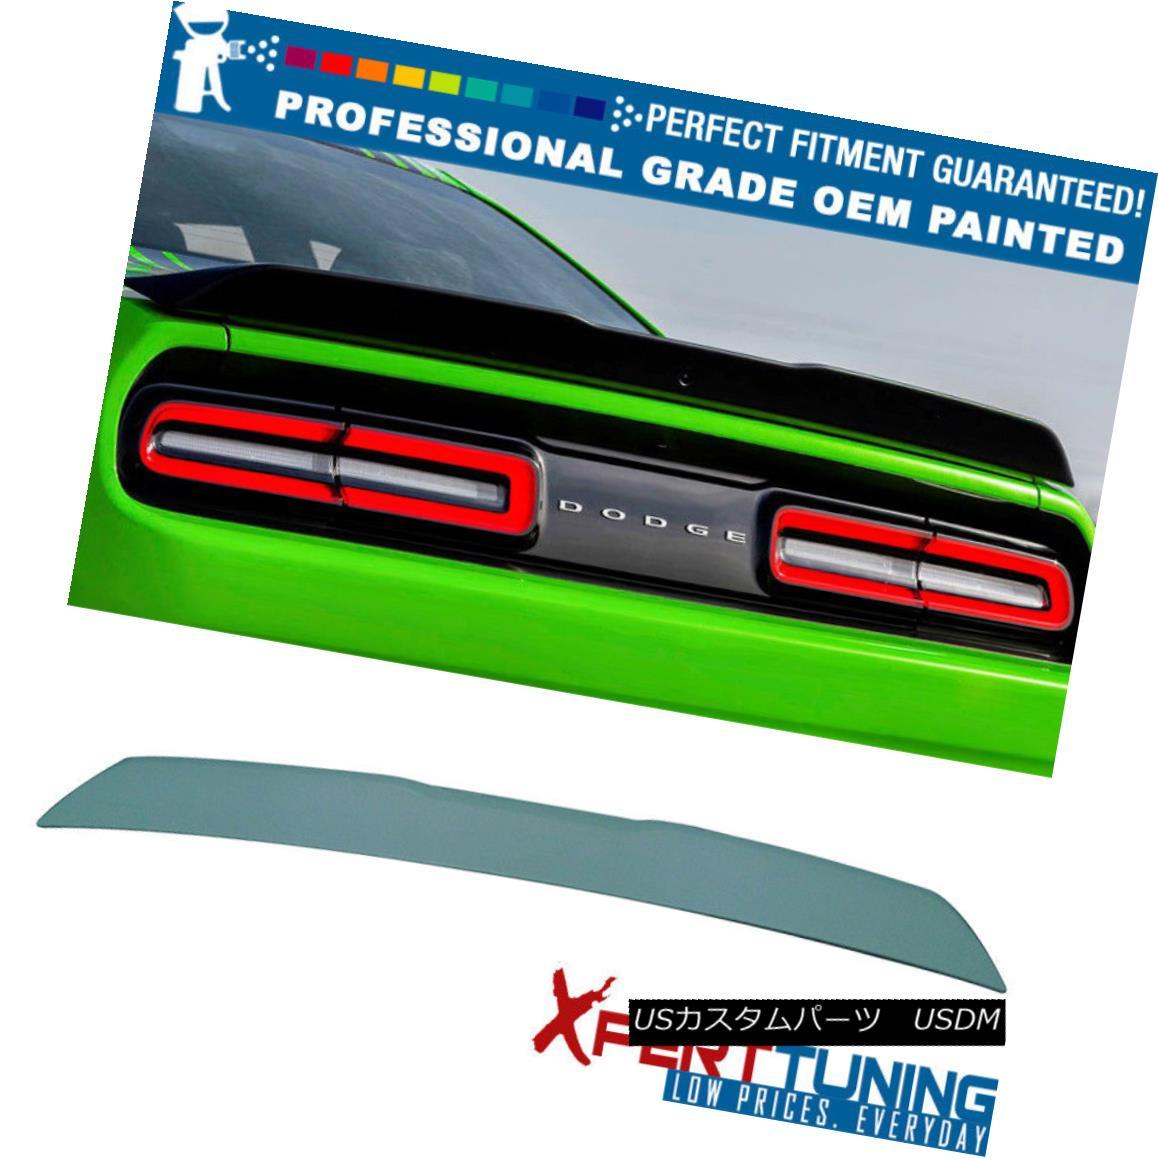 エアロパーツ Fit 08-16 Challenger Hellcat Type Painted Trunk Spoiler - OEM Painted Color フィット08-16チャレンジャーヘルキャットタイプ塗装トランクスポイラー - OEM塗装カラー